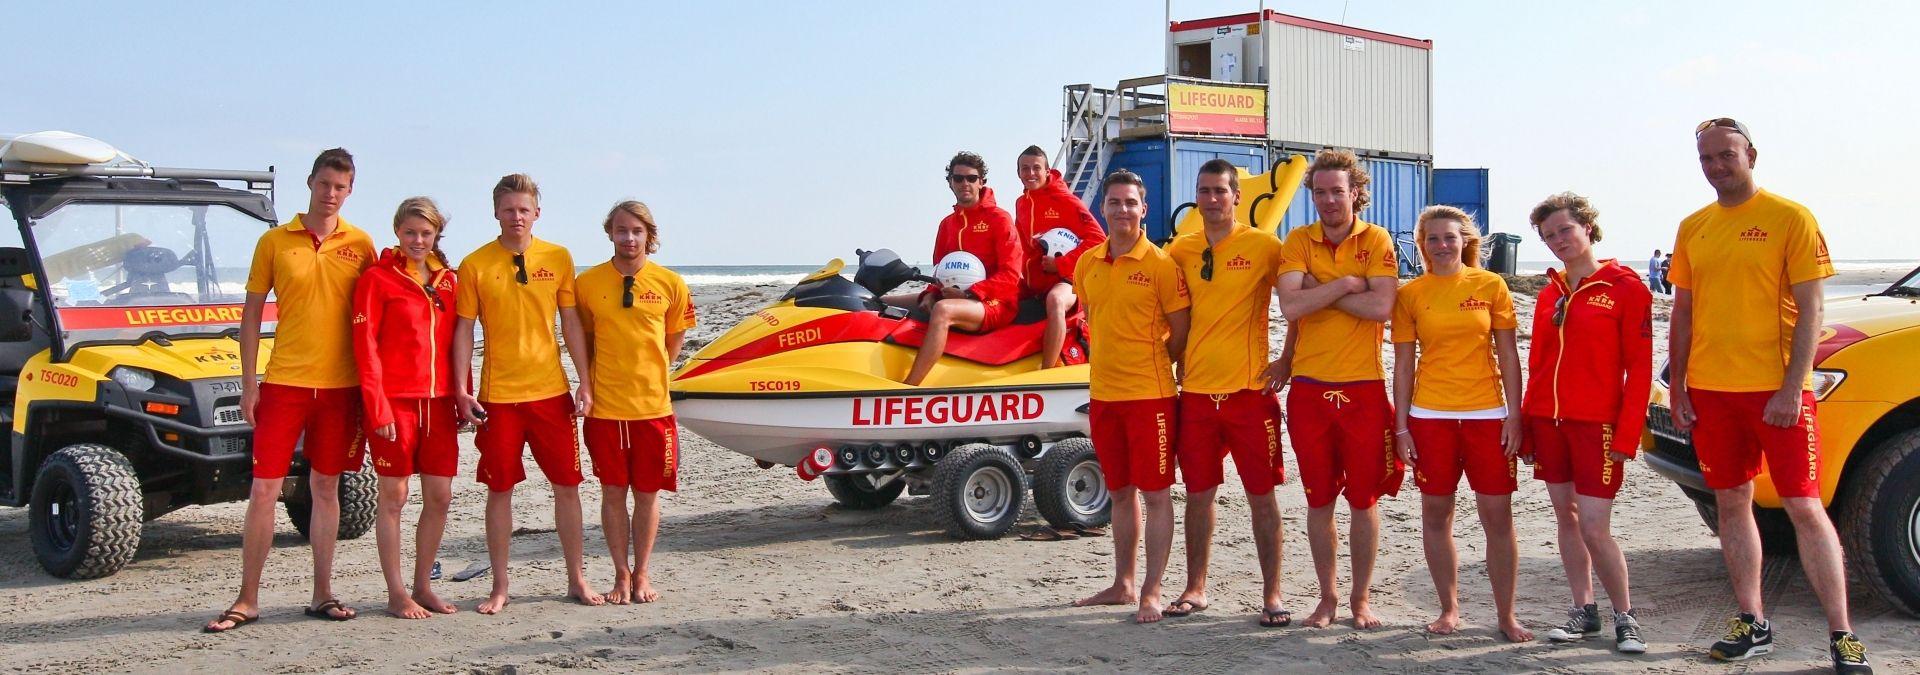 KNRM Lifeguard mooie vakantiebaan waddeneilanden | Foto: Nicolaas Kerkmeijer